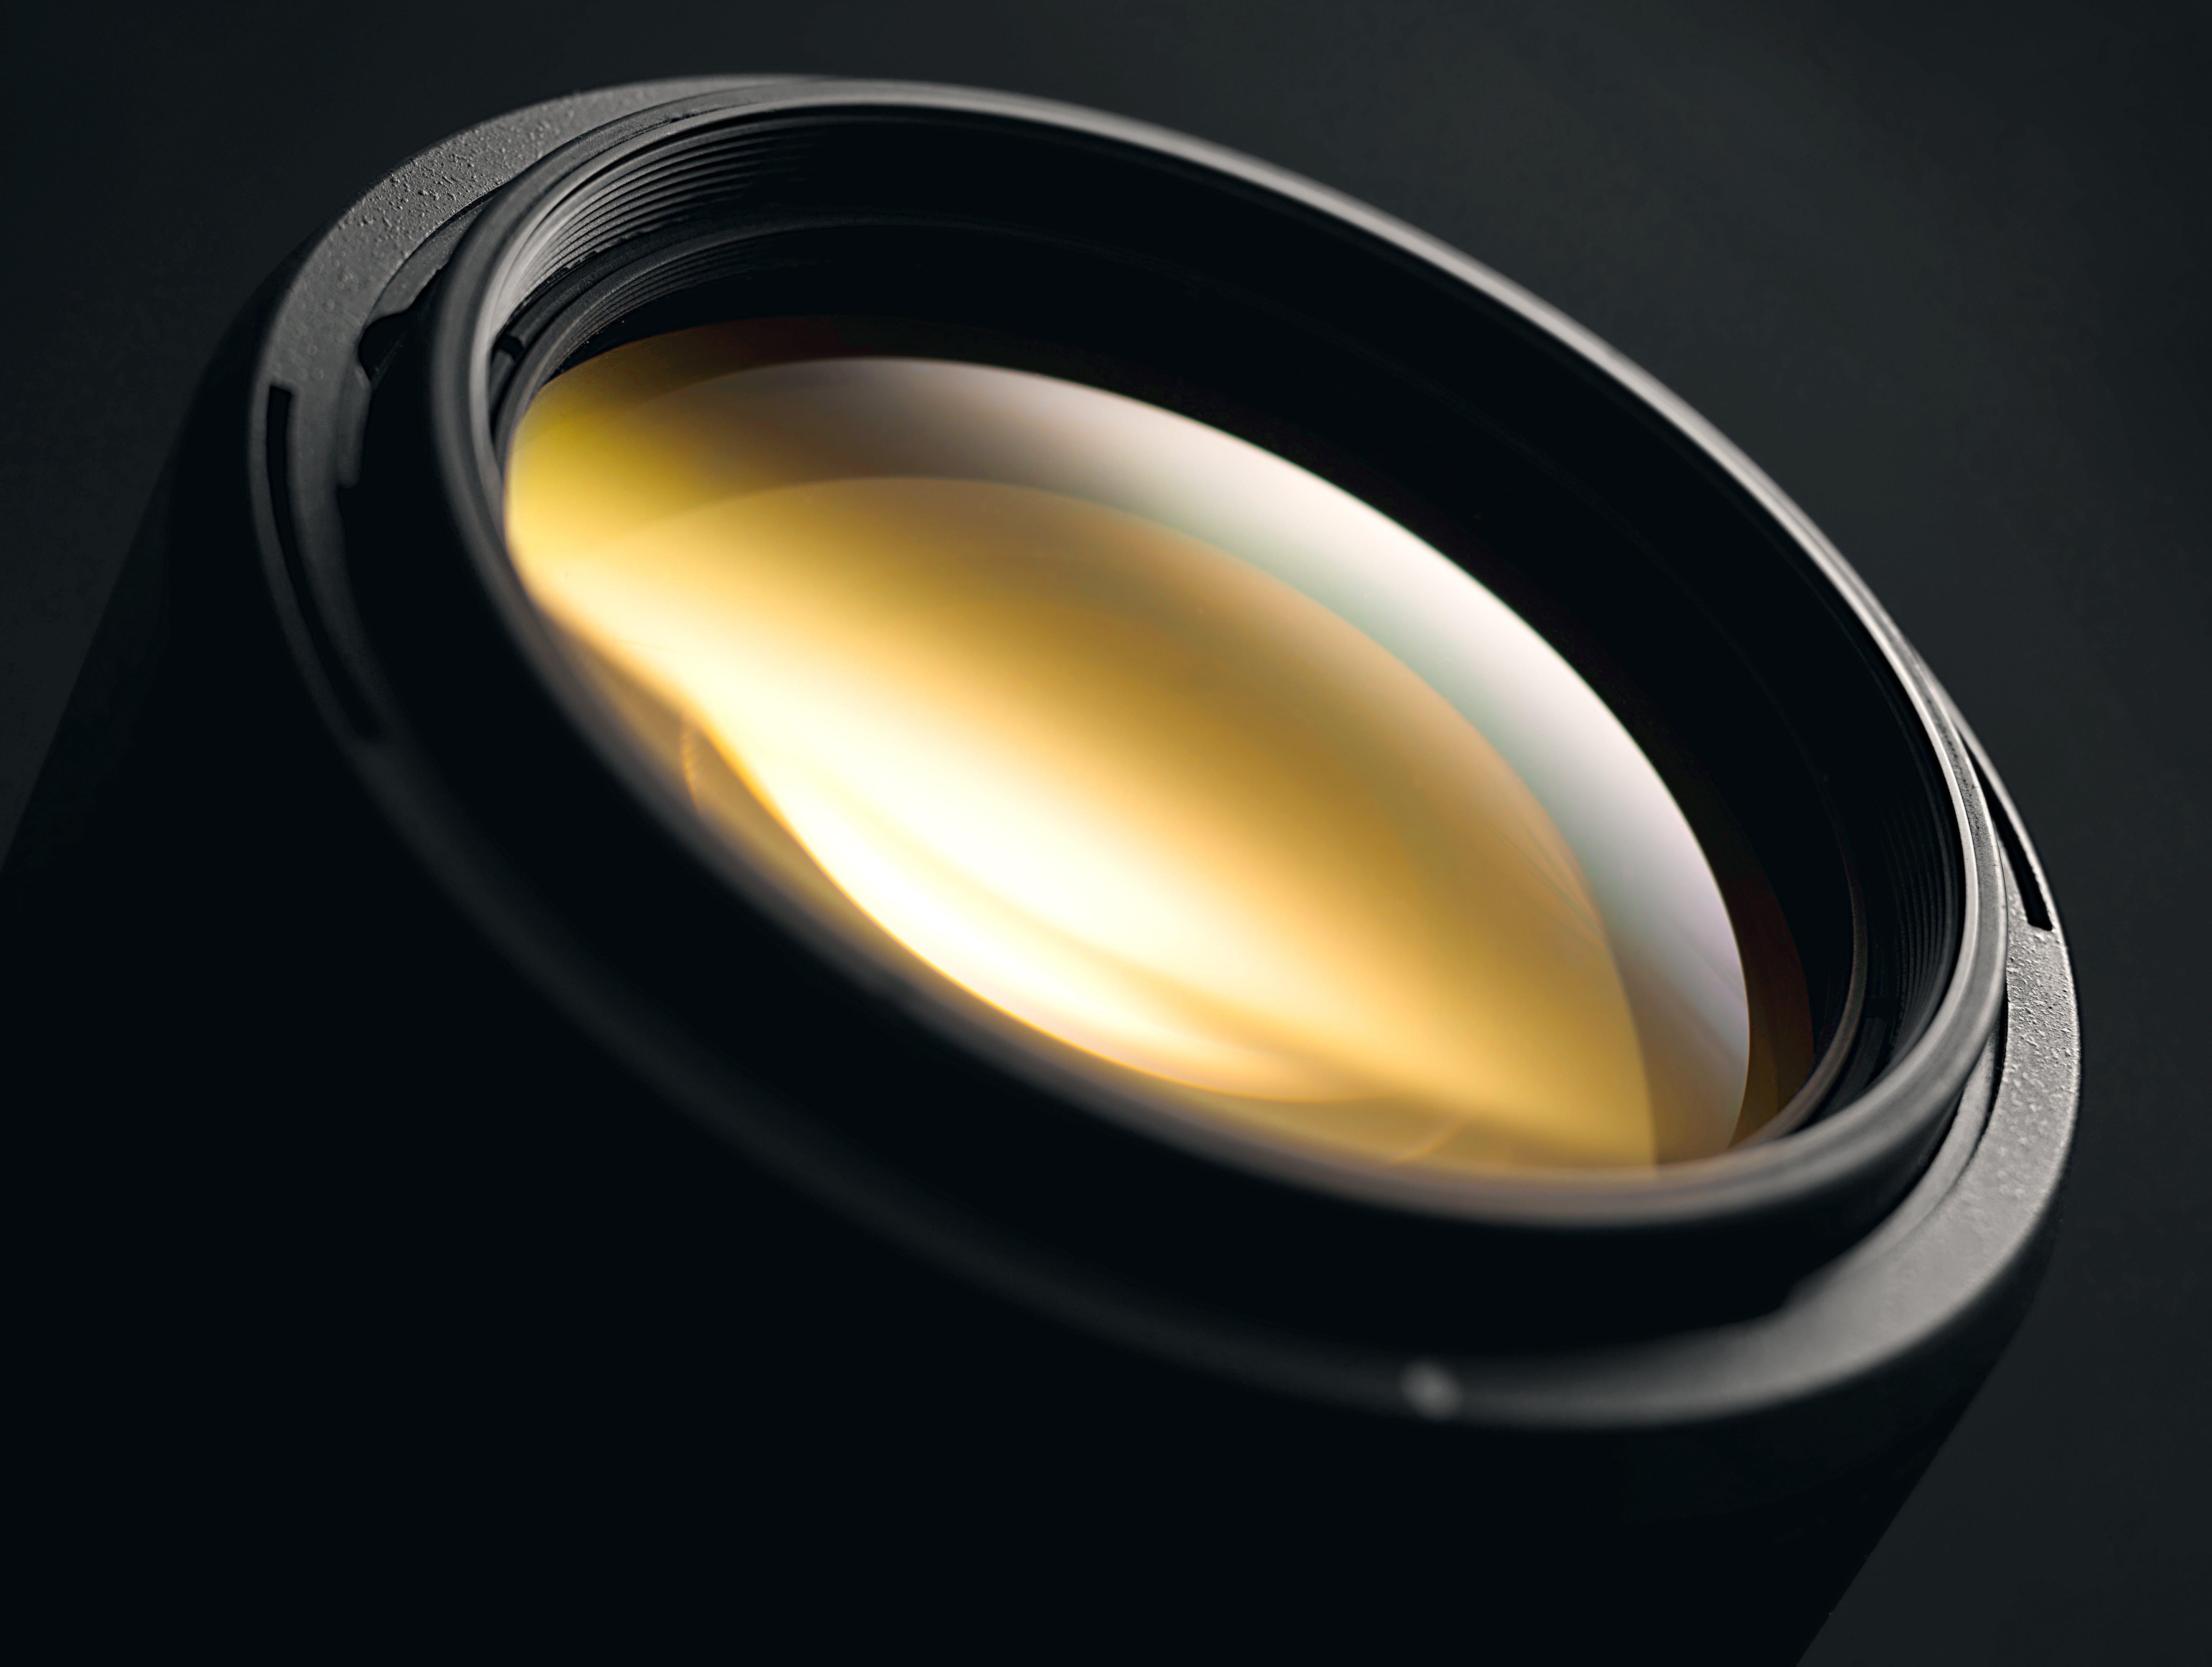 Gratis stockfoto met camera-apparatuur, cameralens, close-up, donker